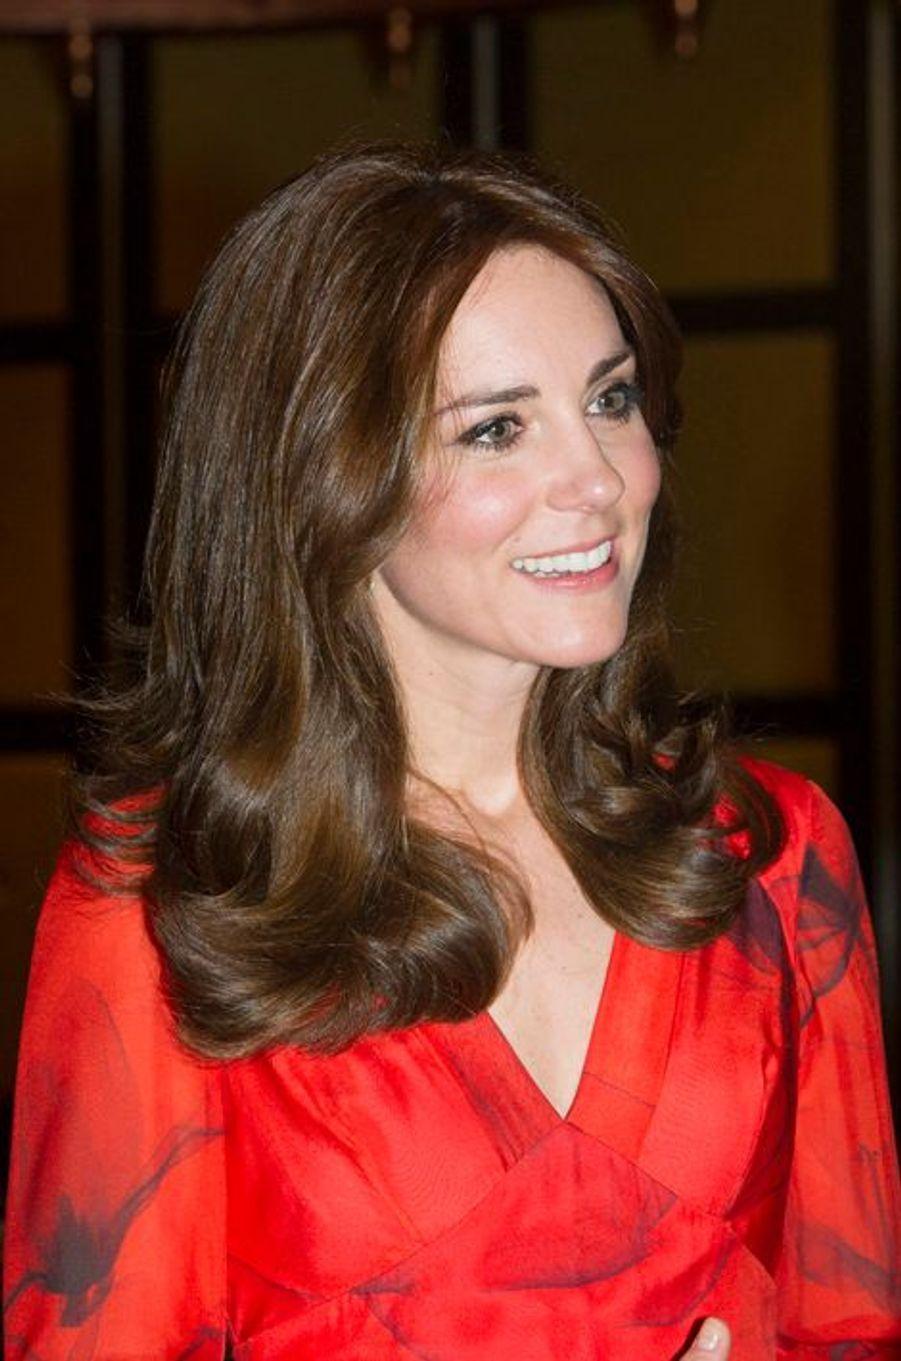 La duchesse Catherine de Cambridge en Beulah London, le 15 avril 2016